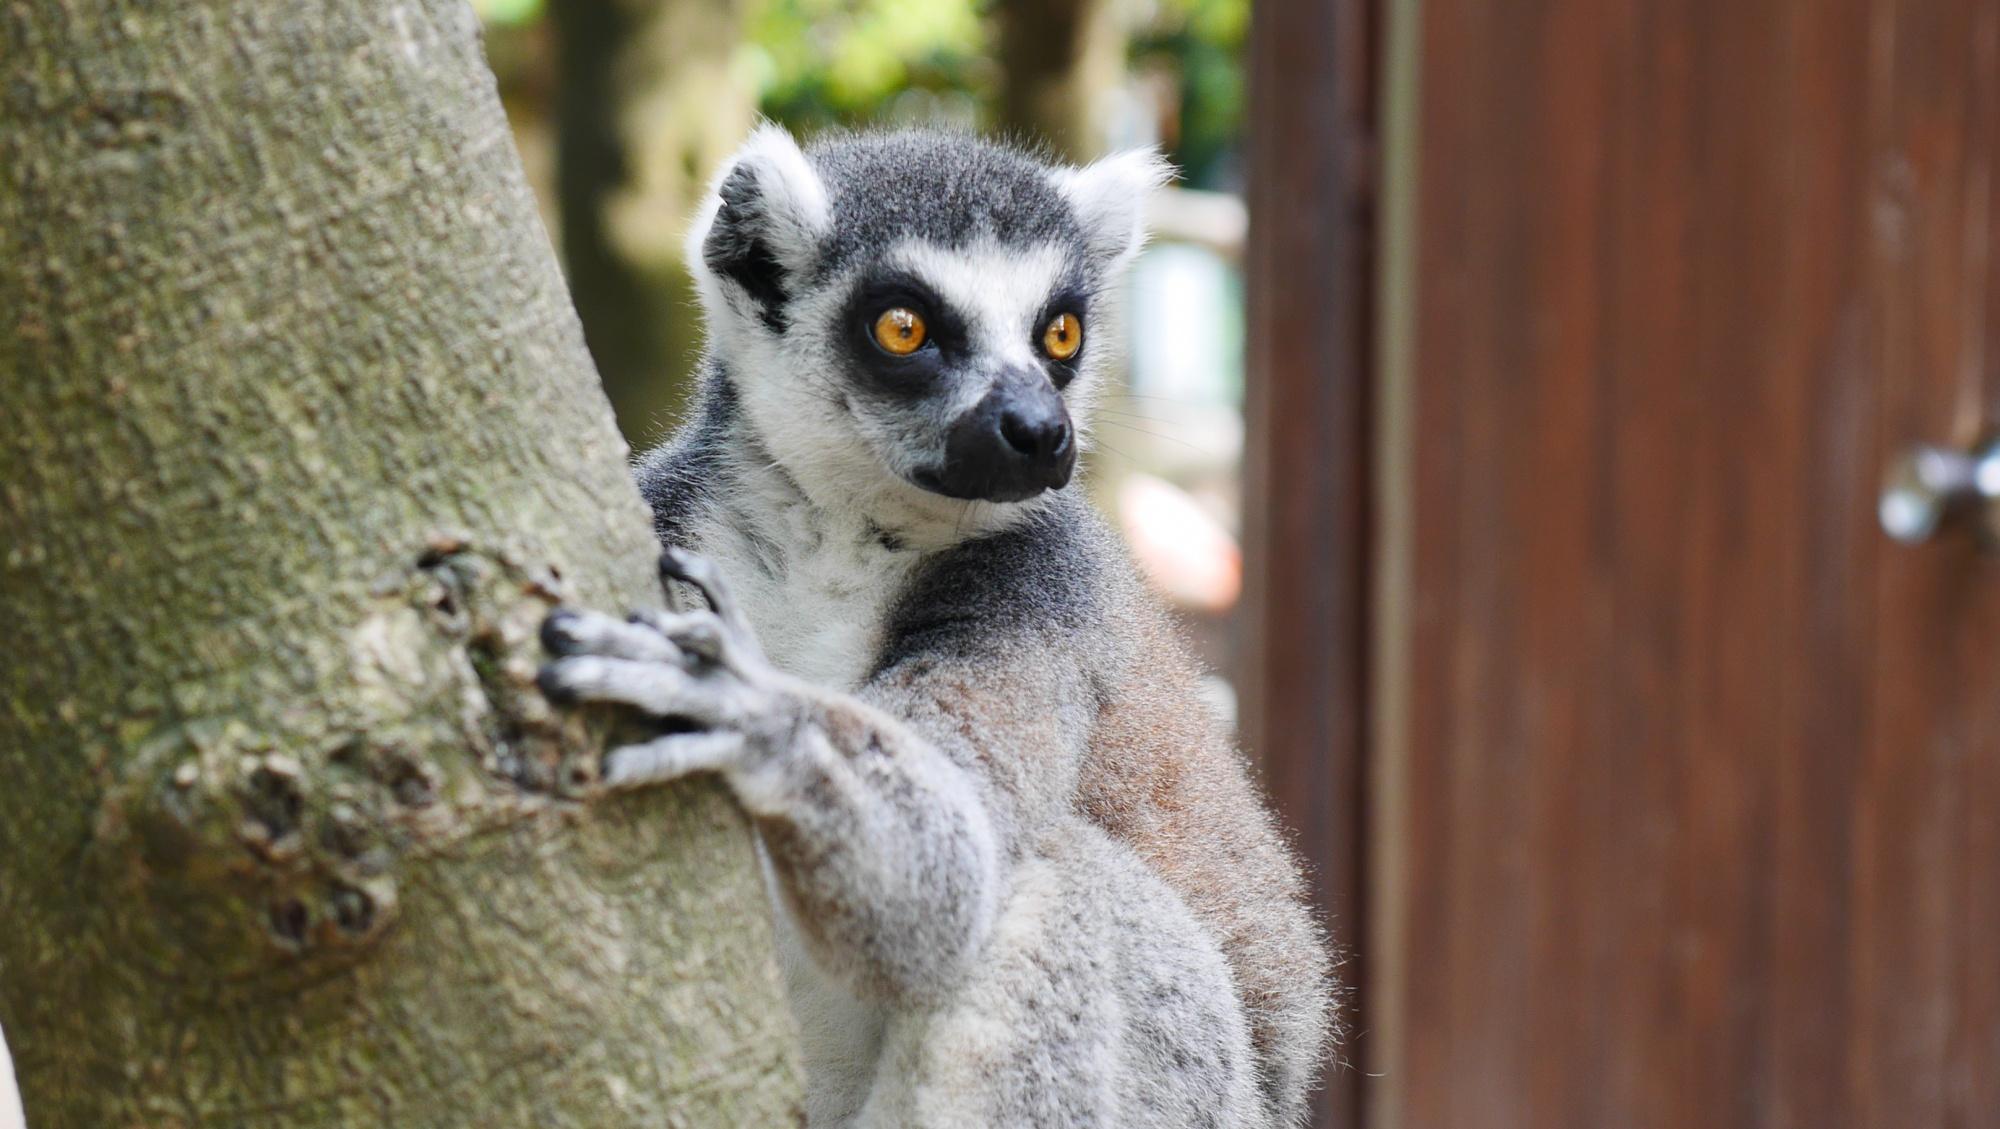 ワオキツネザル(Ring-tailed lemur)